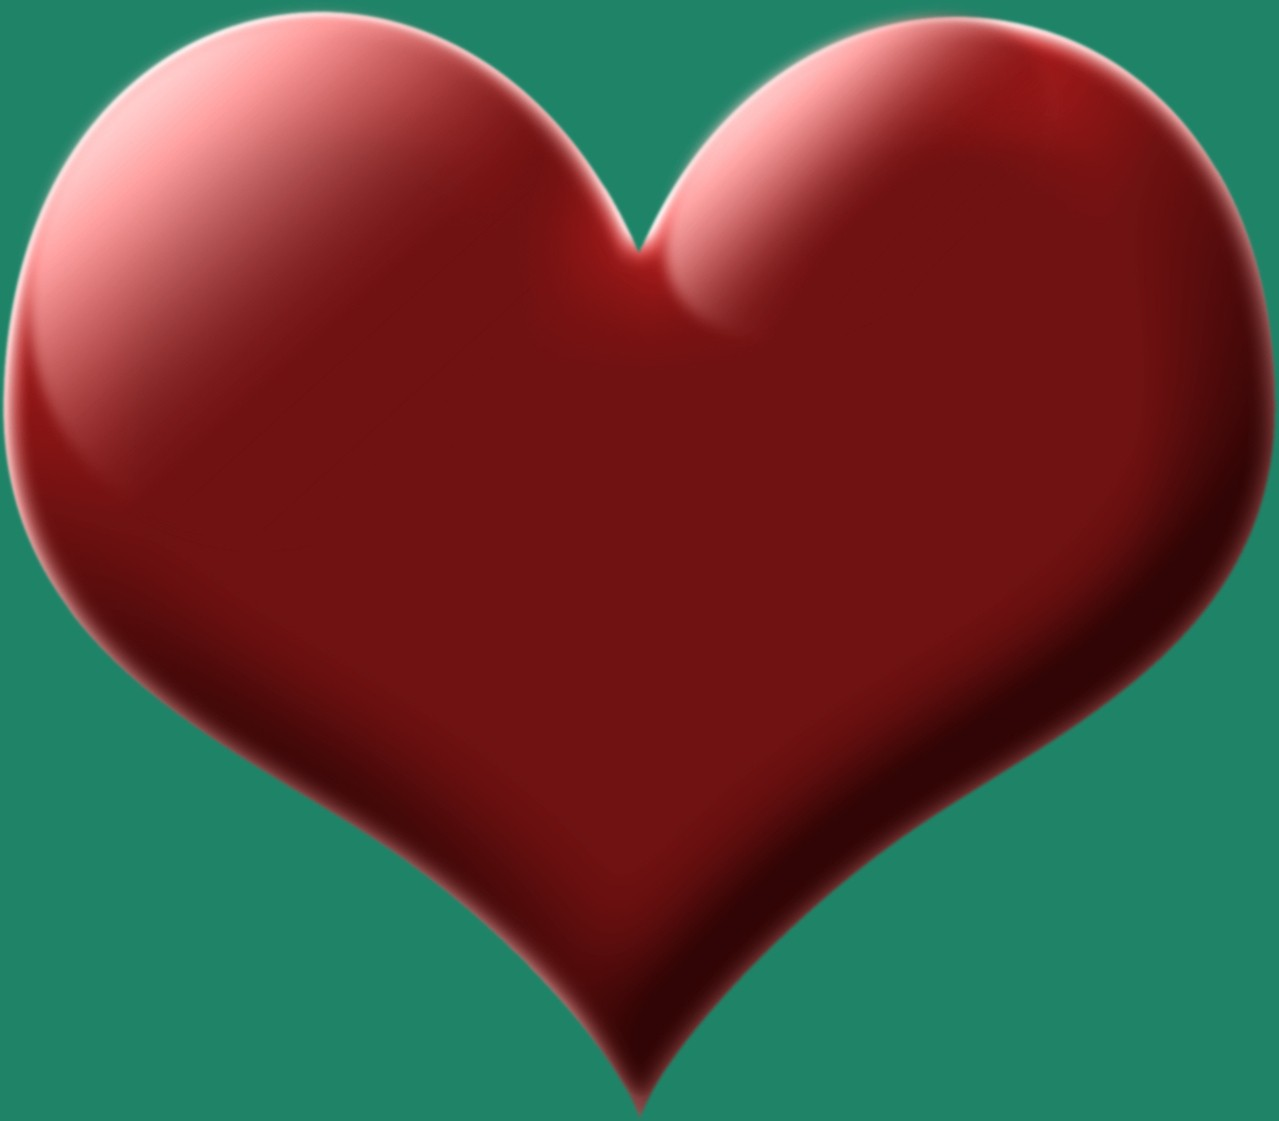 Angioplastyka serca